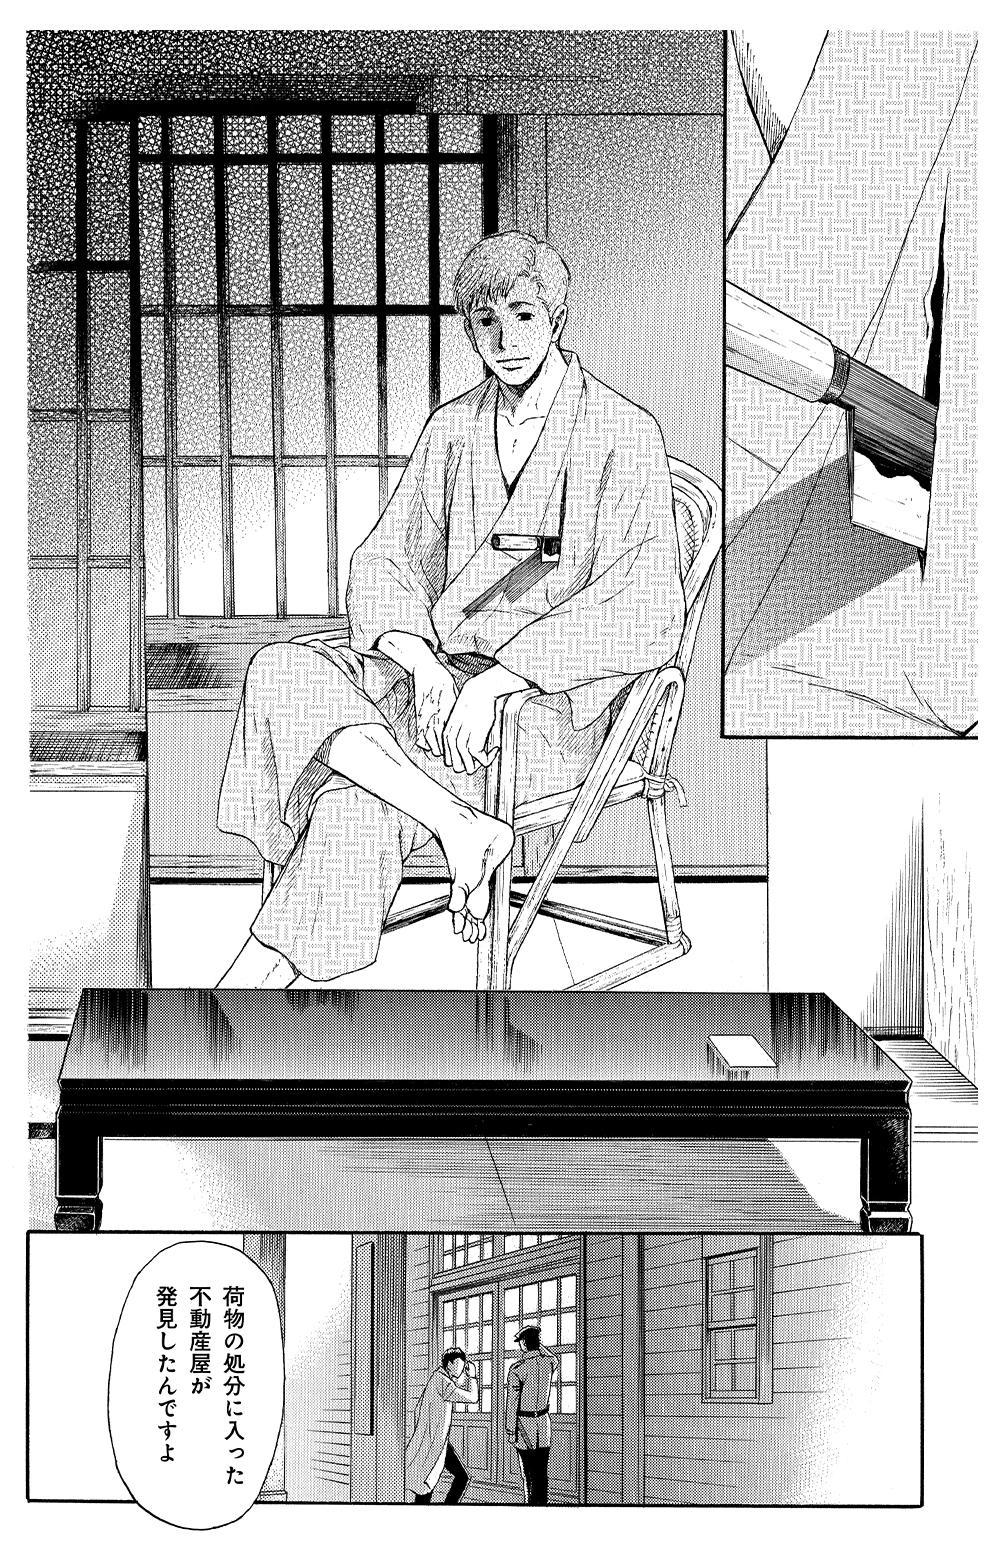 鵼の絵師 第2話「おきみやげ」②nuenoeshi04-09.jpg